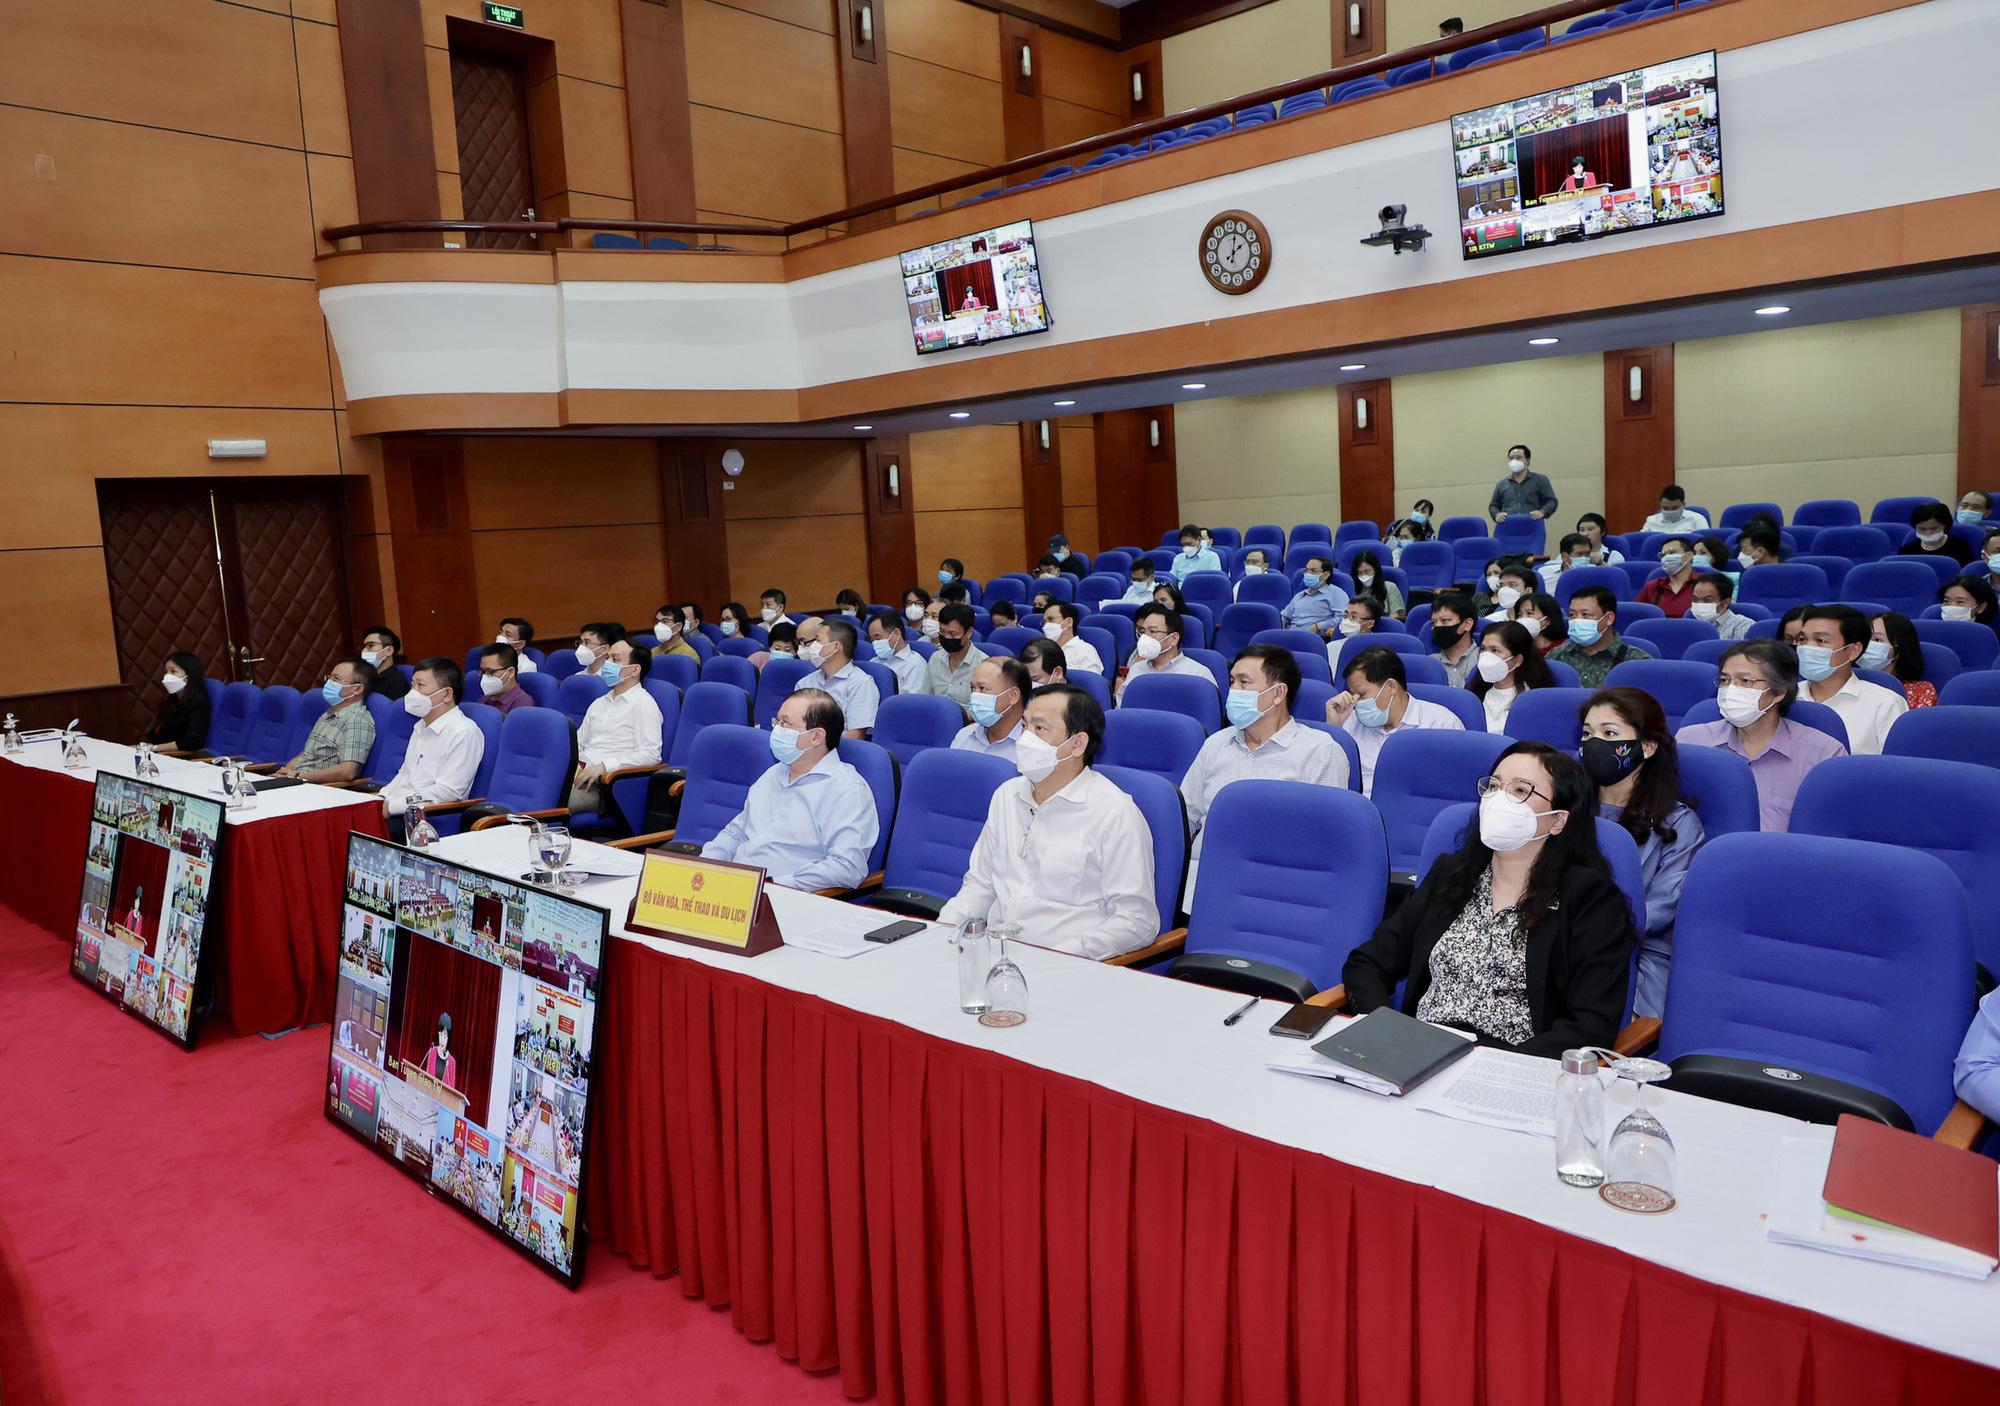 72 tổ chức Đảng trực thuộc Bộ VHTTDL tham gia Hội nghị thông báo kết quả Hội nghị lần thứ 4 BCH Trung ương Đảng khóa XIII  - Ảnh 2.